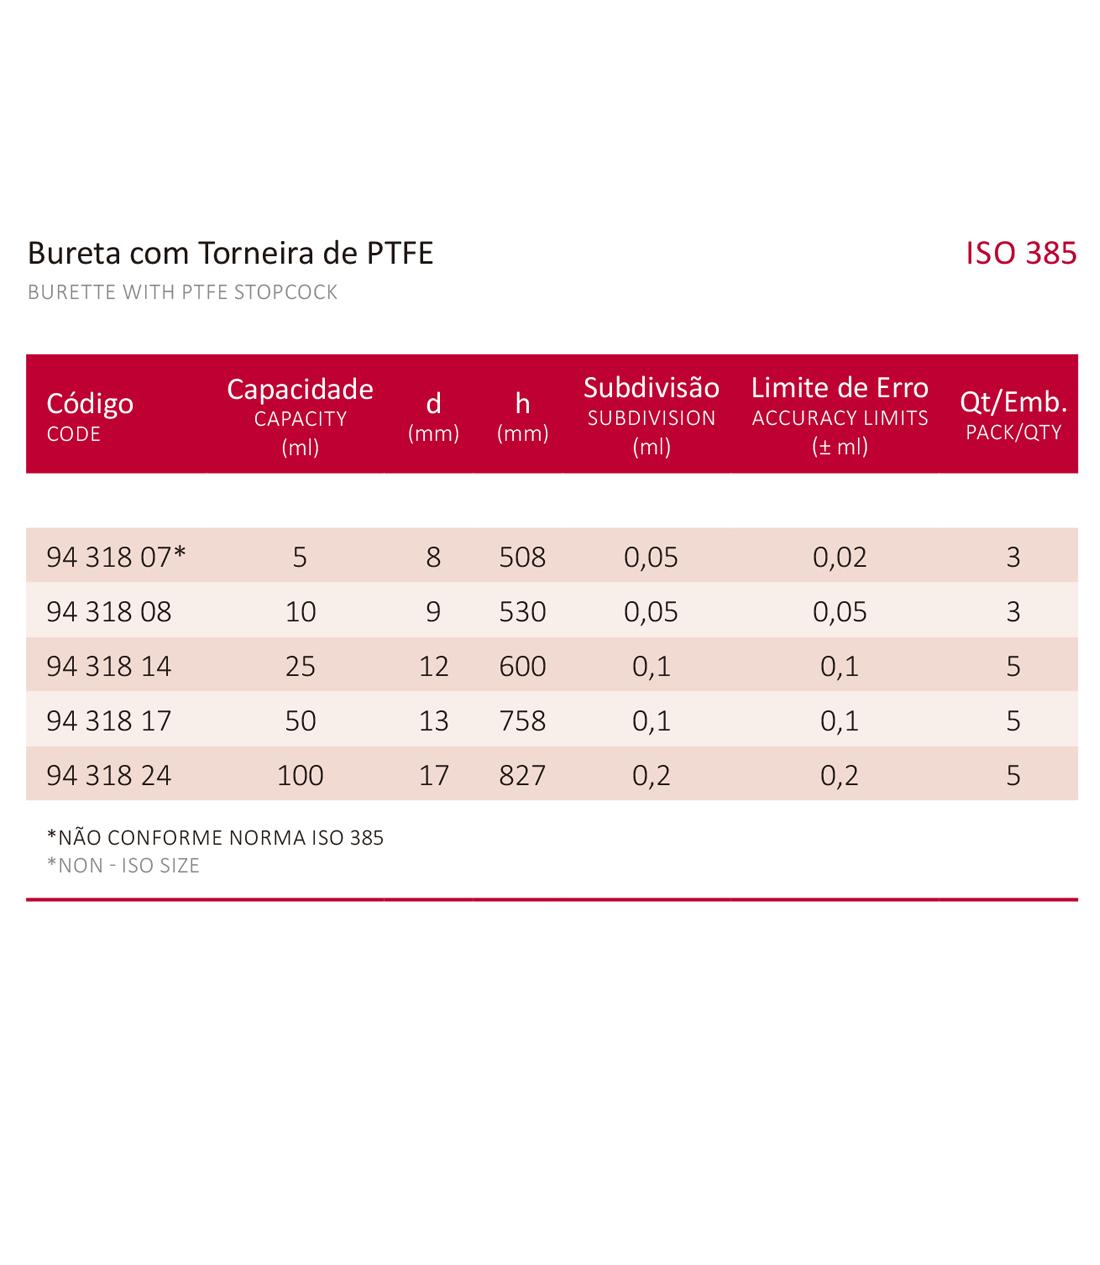 BURETA COM TORNEIRA DE PTFE 5 ML - Laborglas - Cód. 9431807